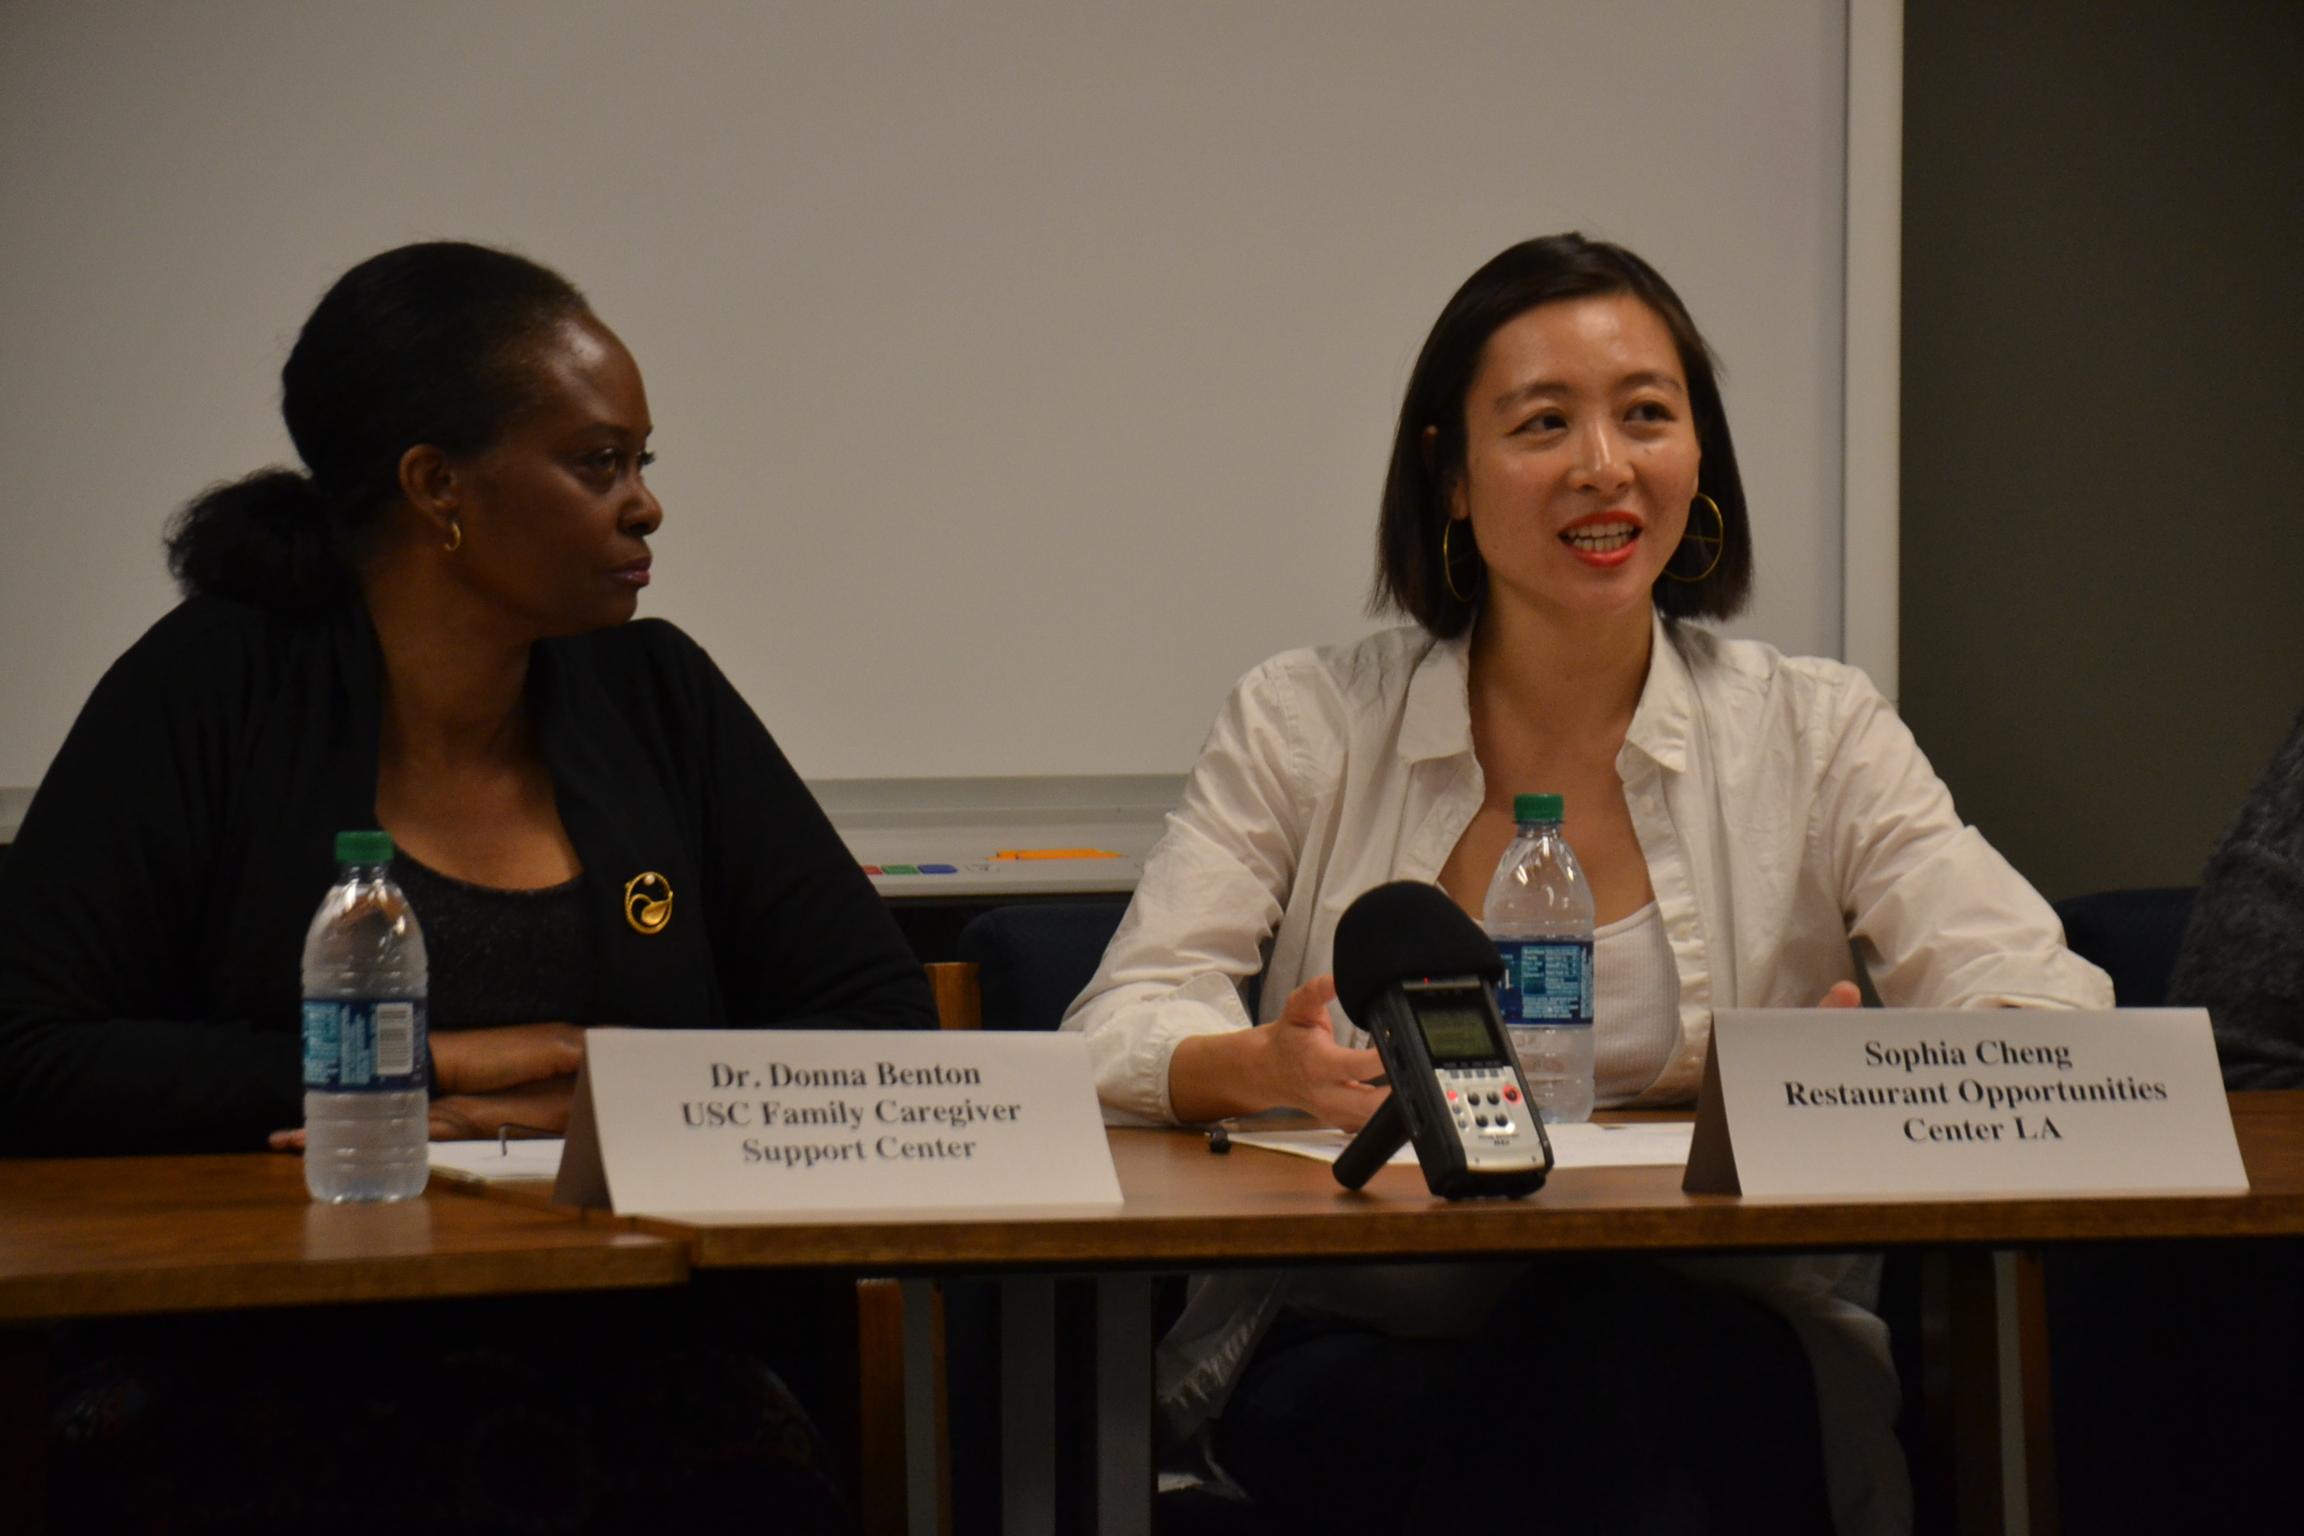 鄭茵(右)與斑頓(左)在講座上分享加州就業發展局「有薪家事假」的資訊。記者彭依寧攝